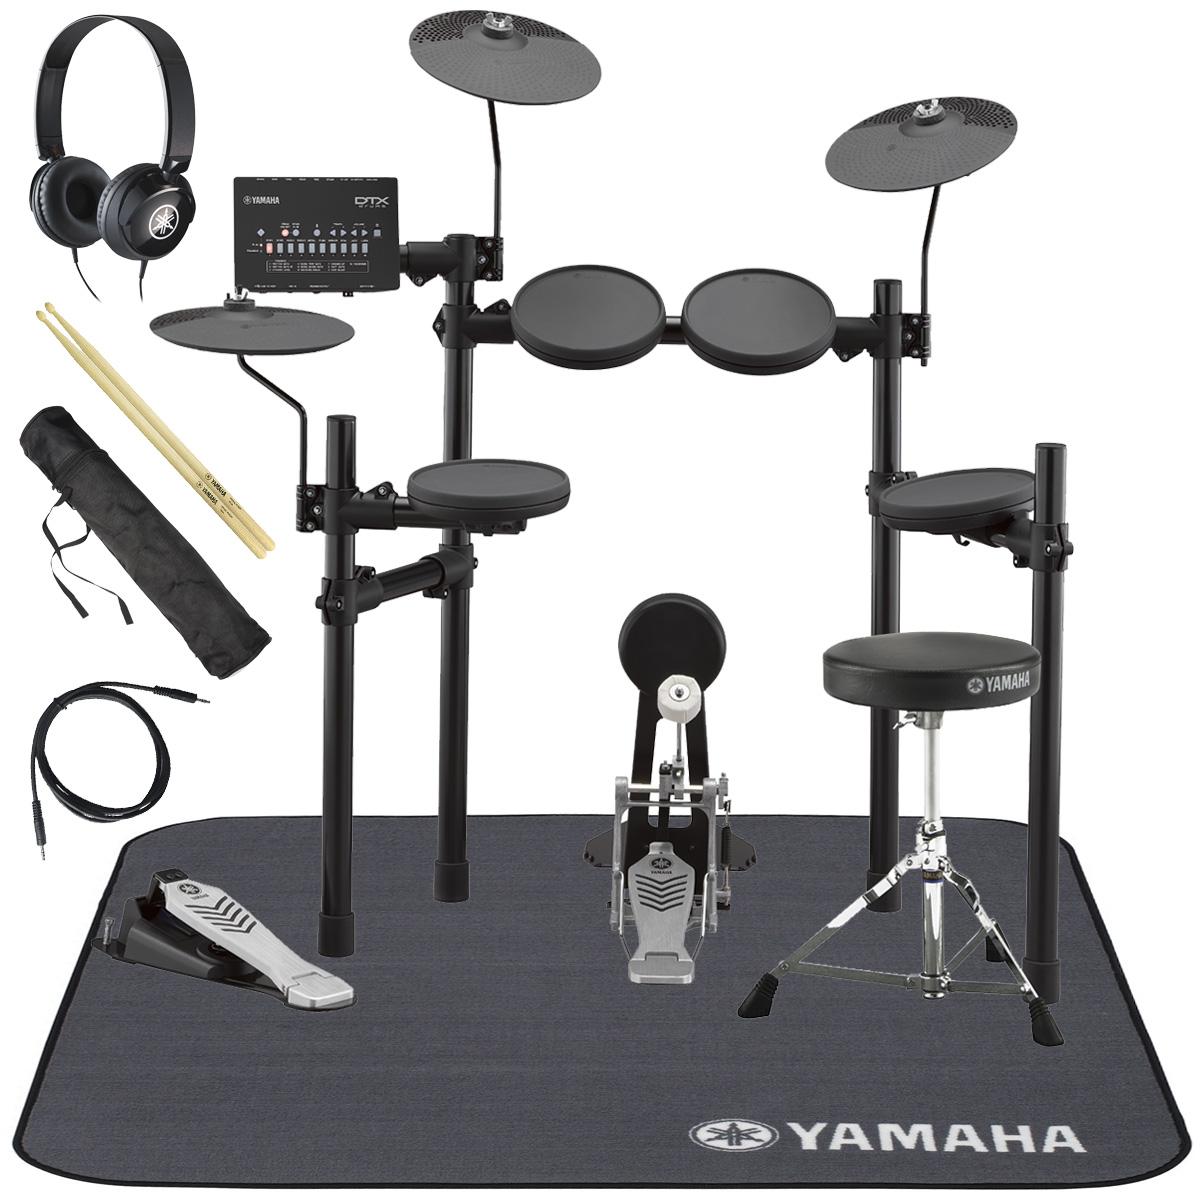 YAMAHA / DTX432KS 電子ドラム ヤマハ純正ヘッドホンとスティックとマットセット【YRK】